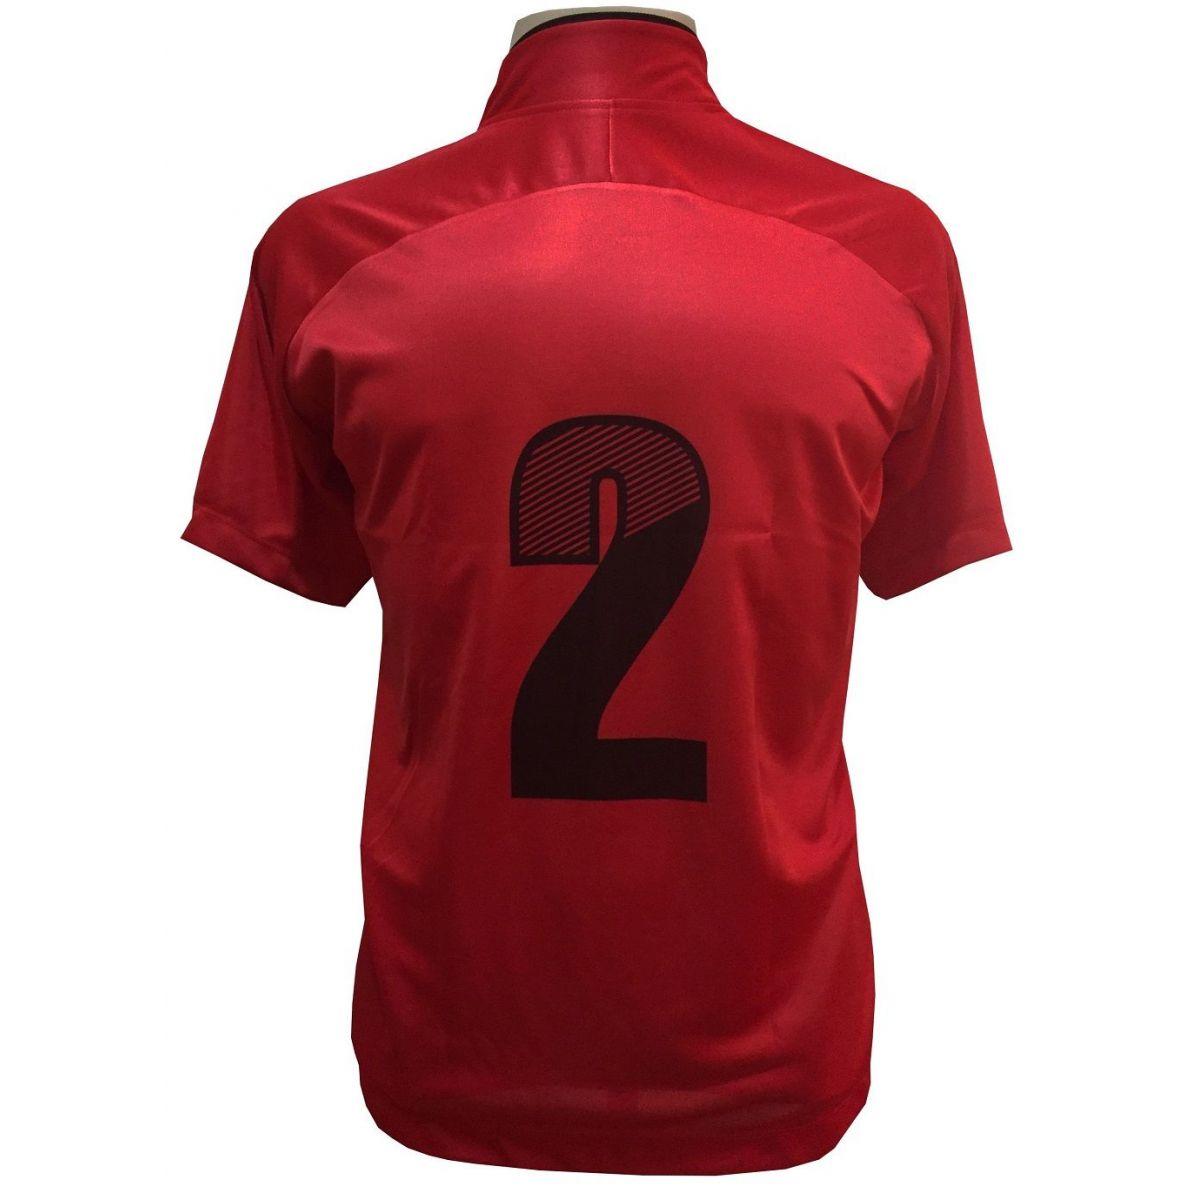 Jogo de Camisa com 12 unidades modelo City Vermelho/Preto